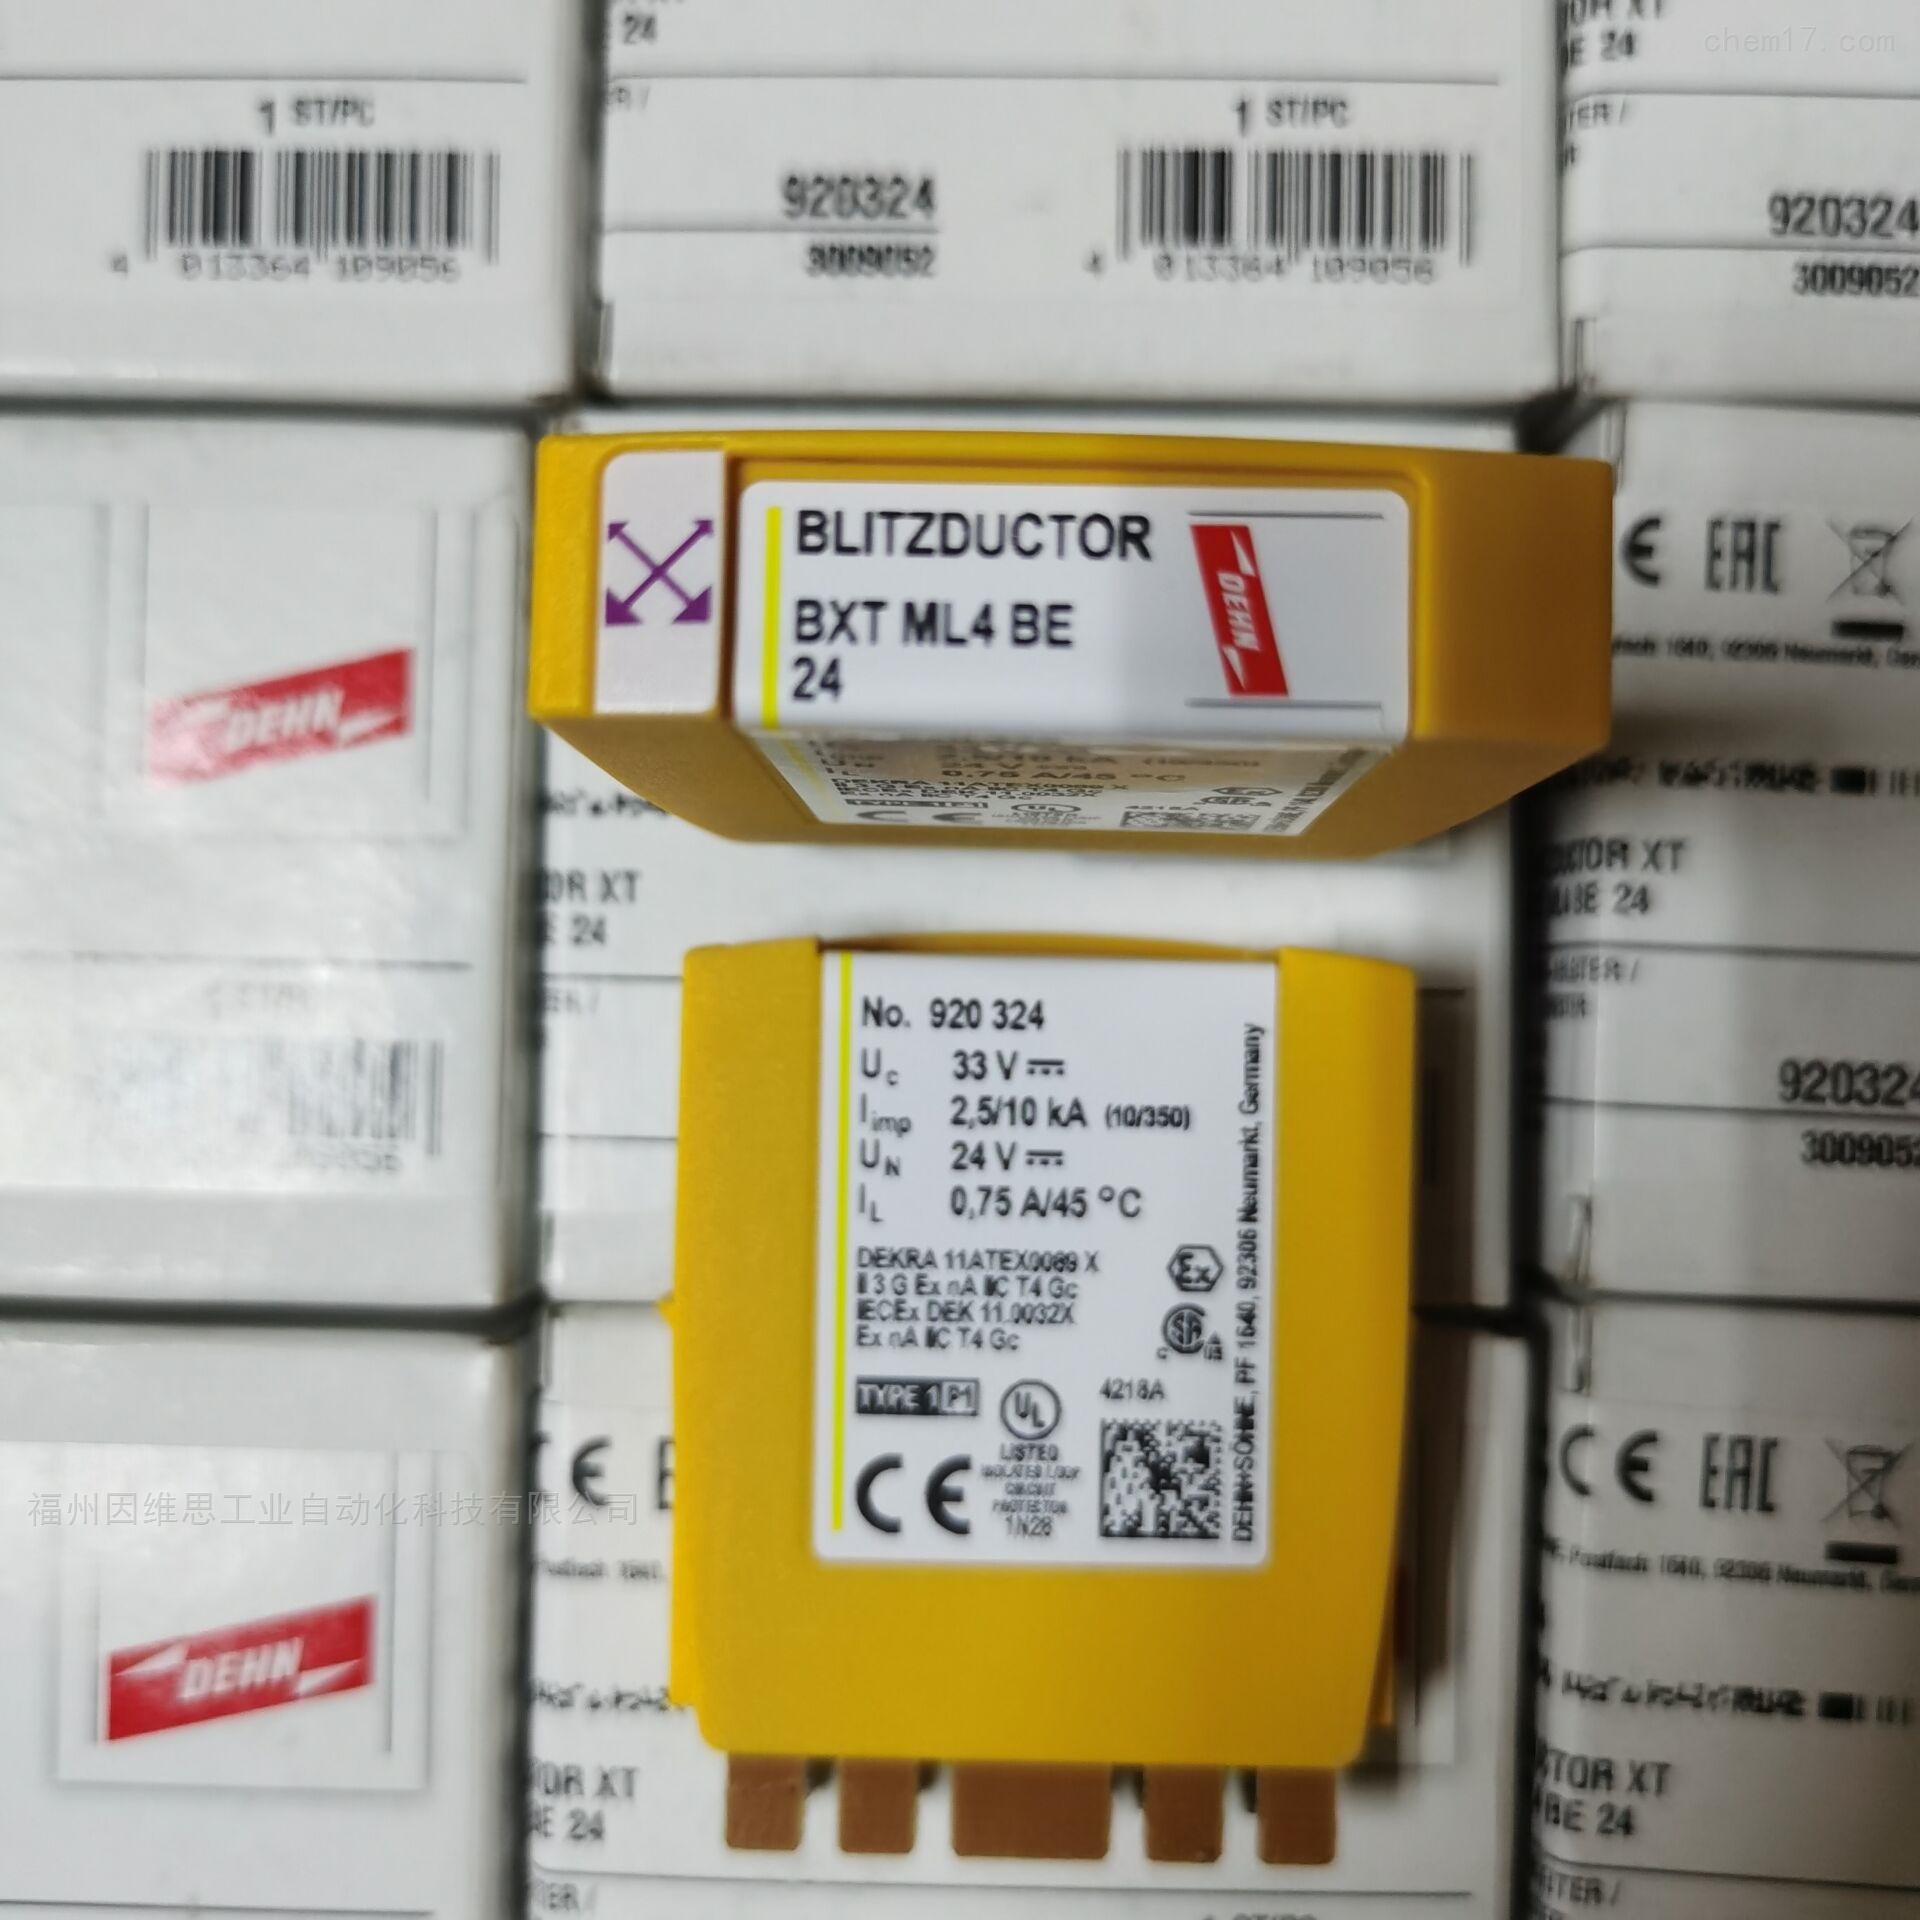 盾牌信号电涌保护器BXT ML2 BE S 12防雷器